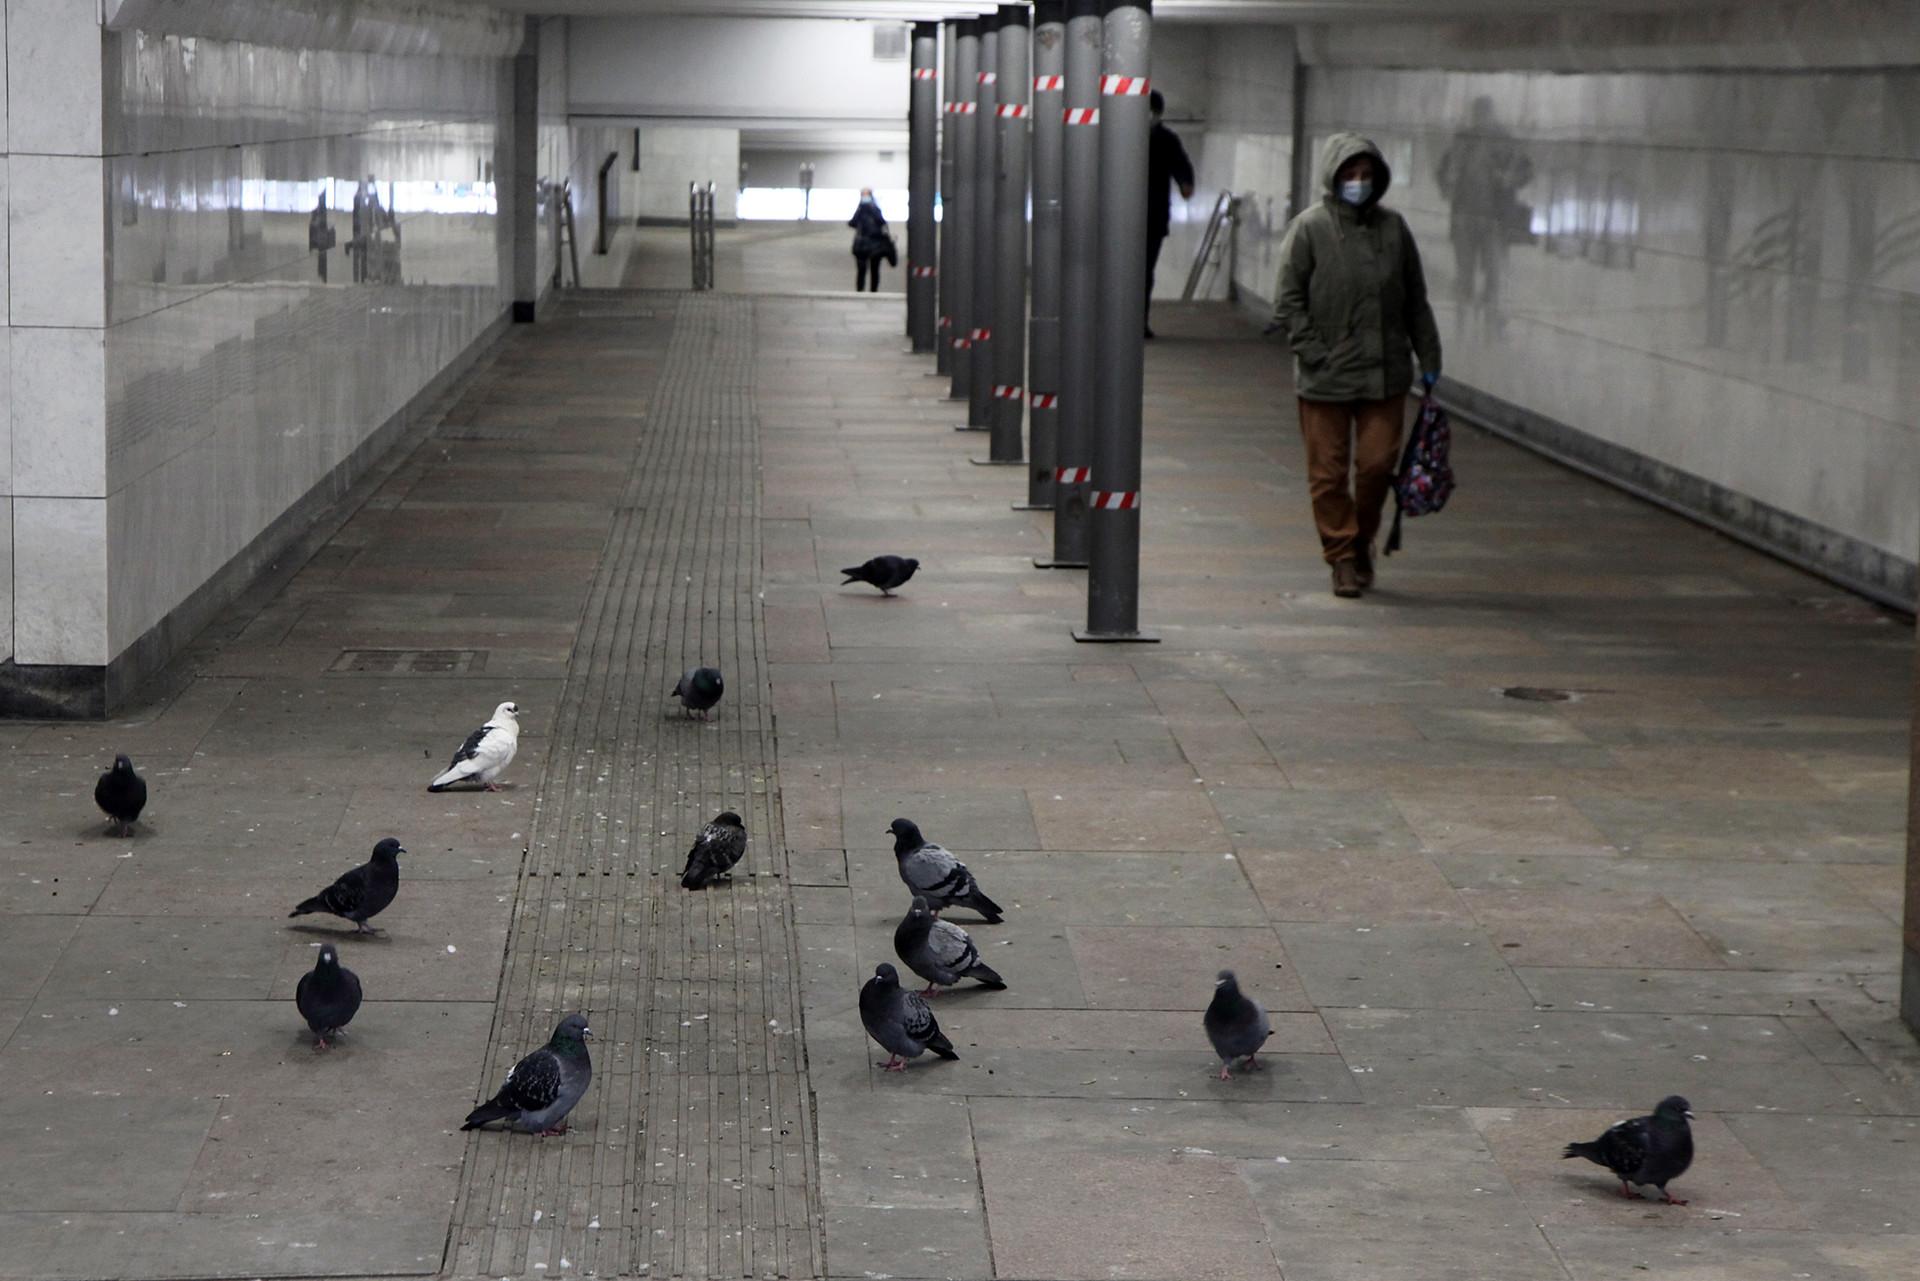 Suasana di terowongan penyeberangan dan akses ke Stasiun Metro Biblioteka Imeni Lenina yang sepi.